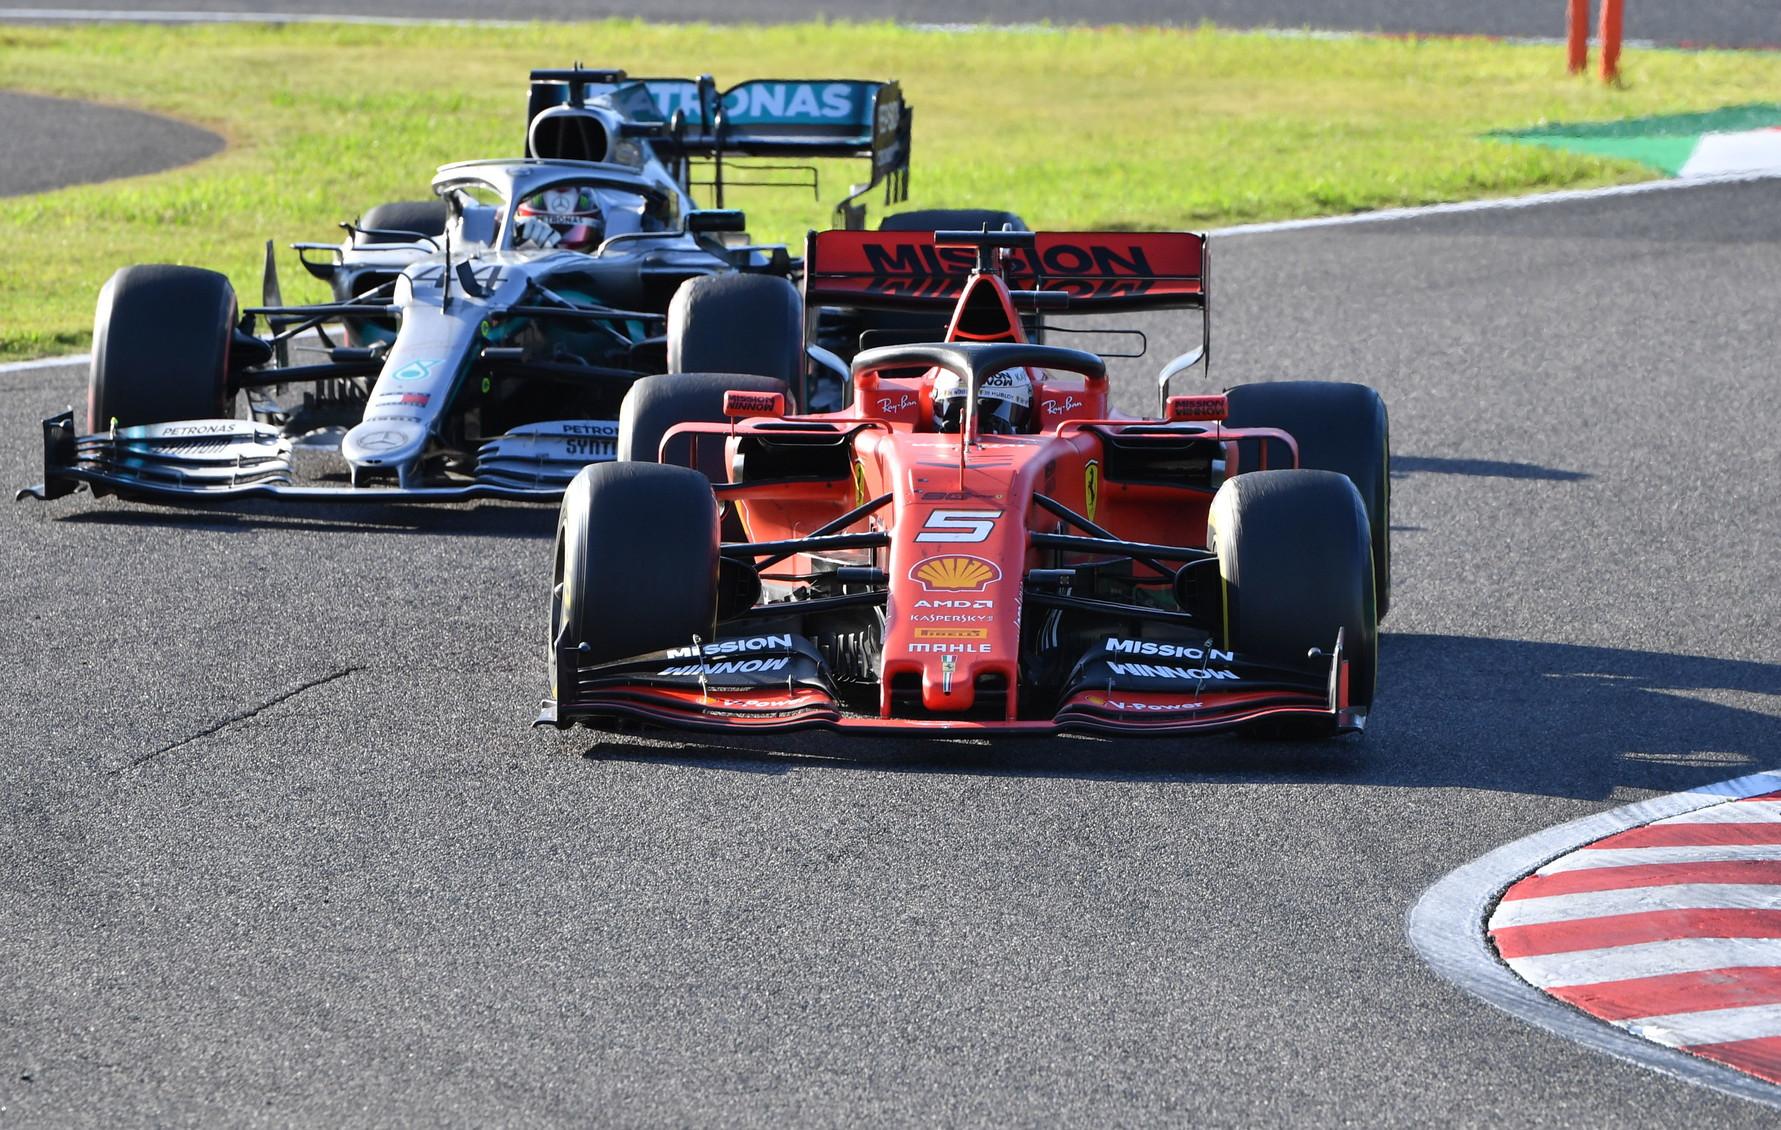 Forbes ha stilato la classifica dei team di Formula 1 dal valore più alto: ecco la top tean con tutti i valori in milioni di dollari.